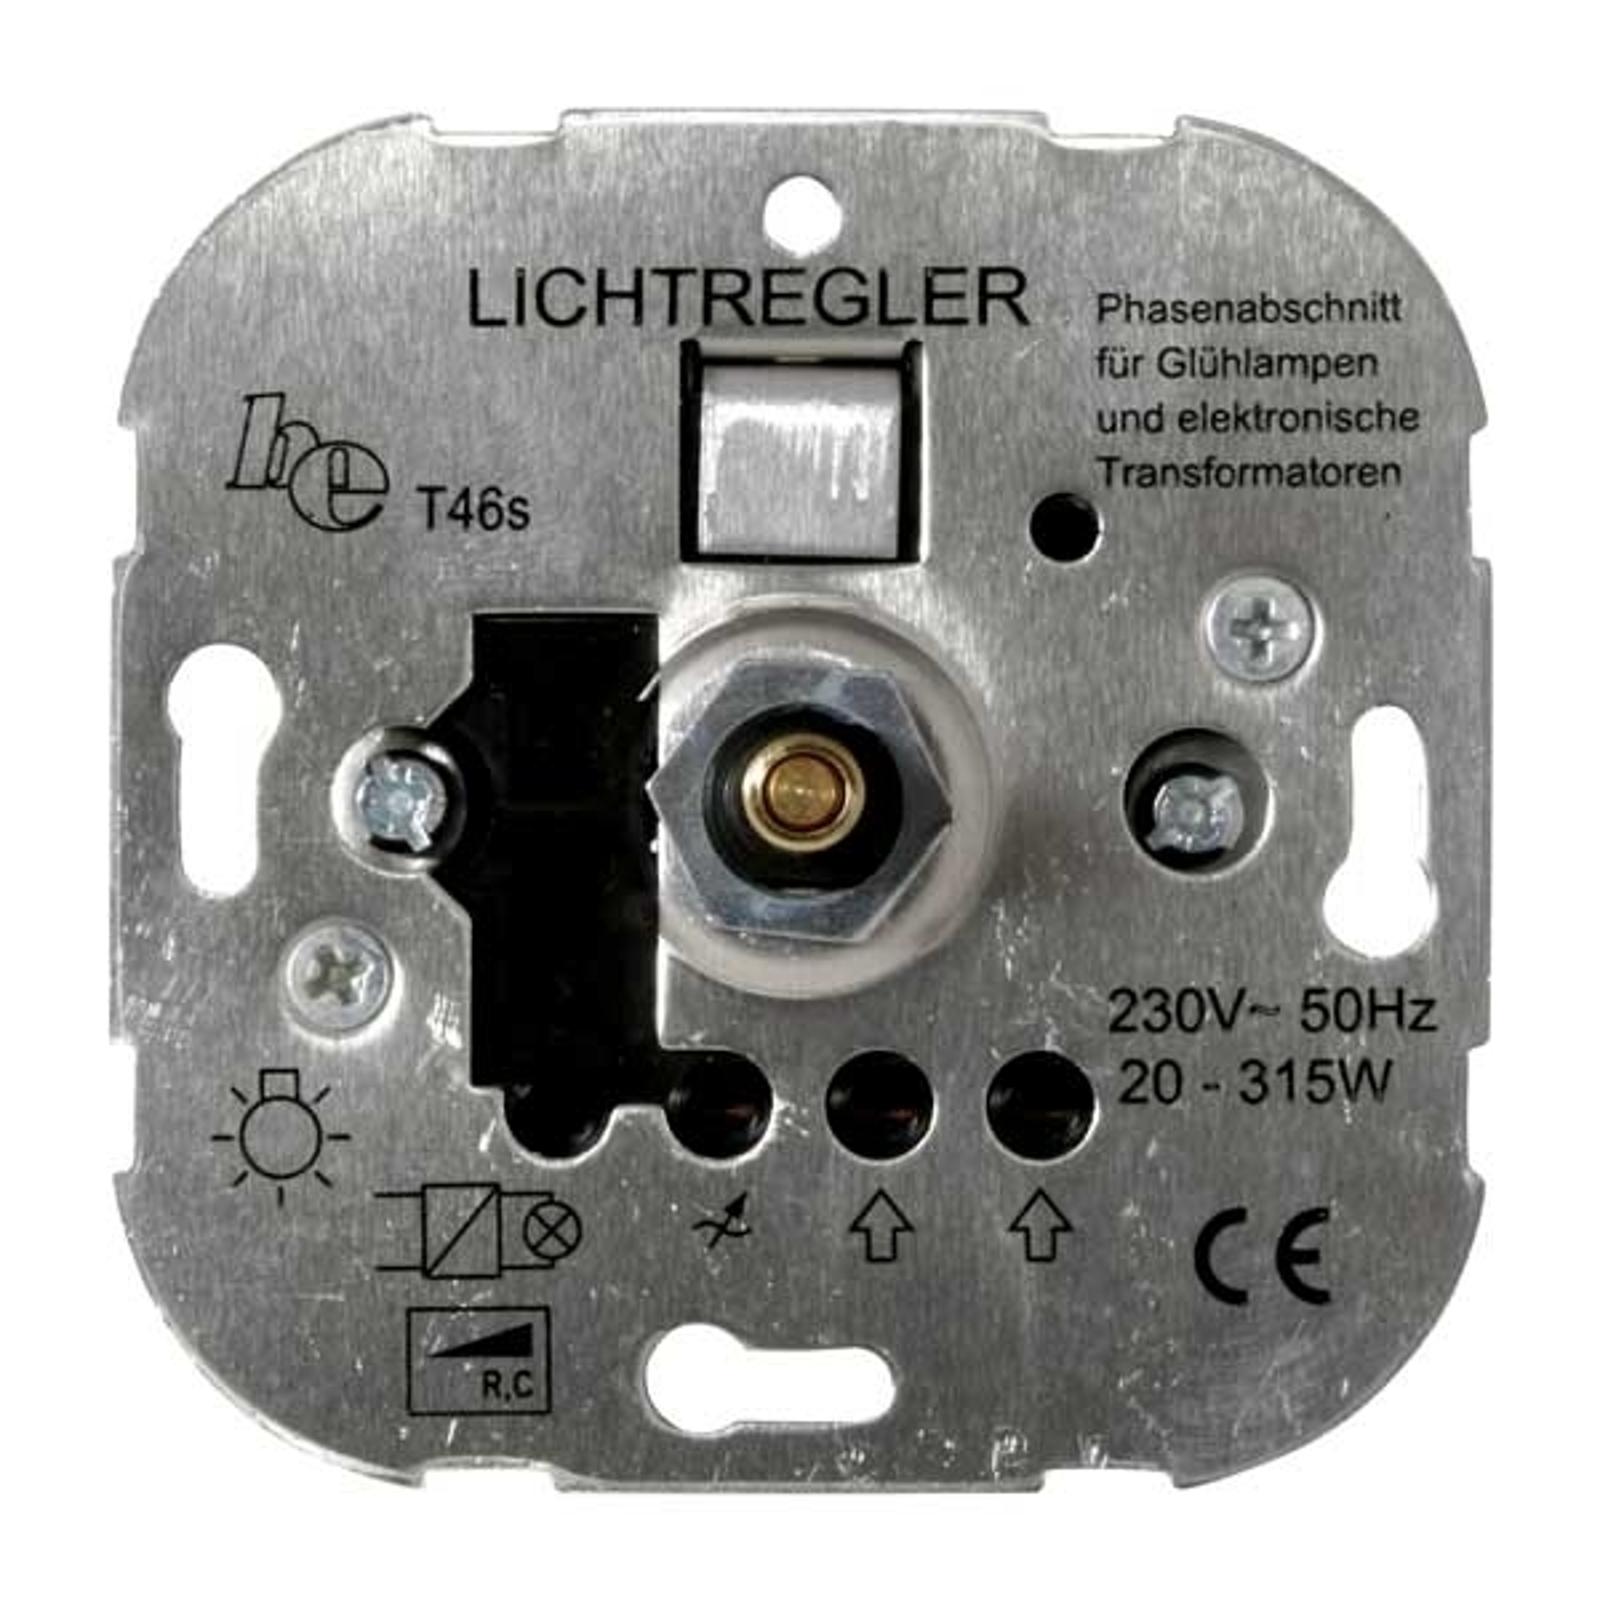 Phasenabschnittdimmer Druck/Wechsel 20-315VA